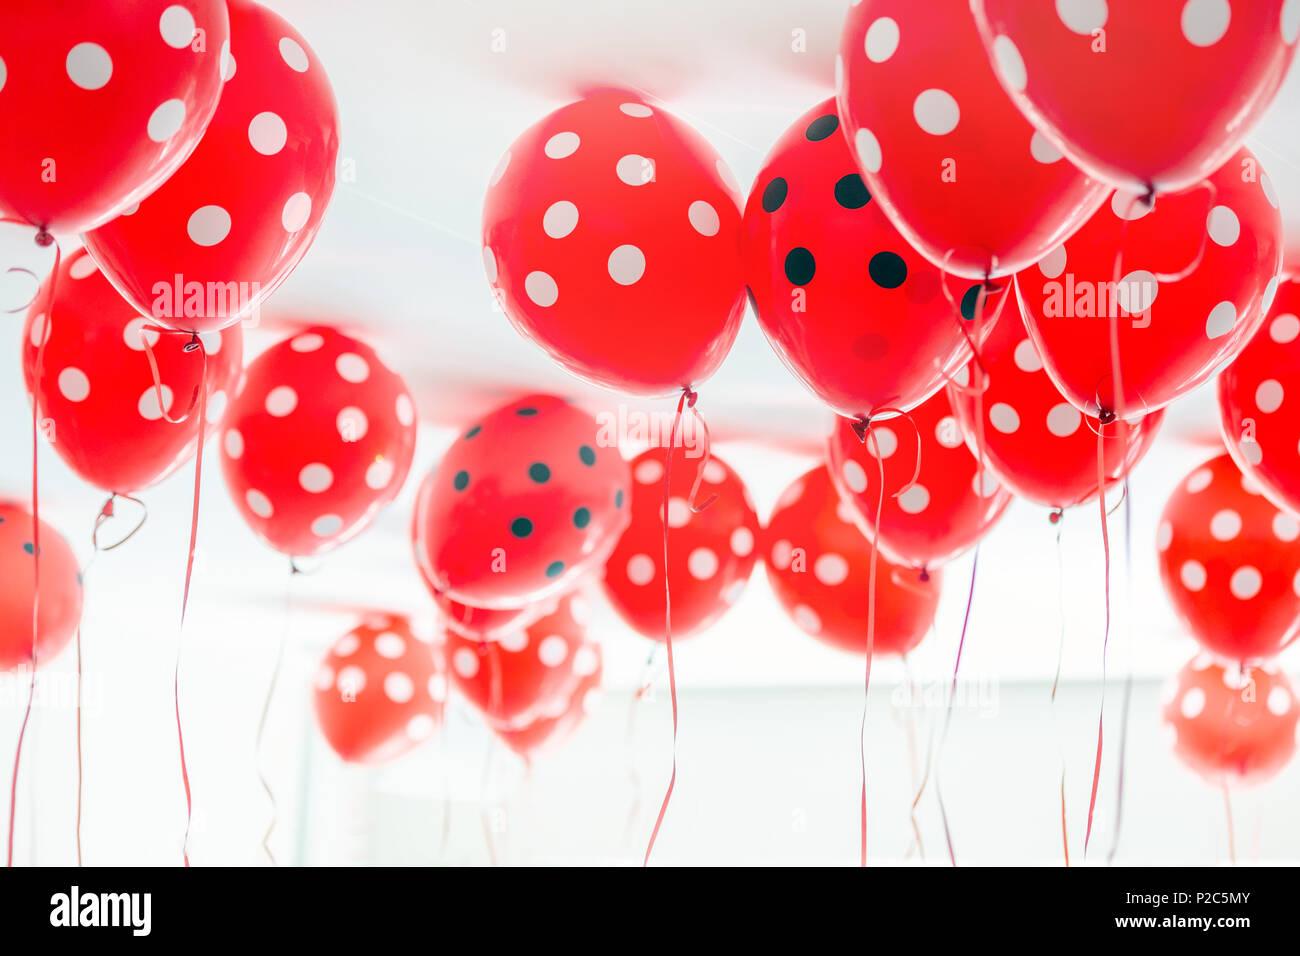 Bella rossa punteggiata di palloncini fluttuanti a soffitto bianco. Il matrimonio o bambini festa di compleanno decorazione interiore. Immagini Stock